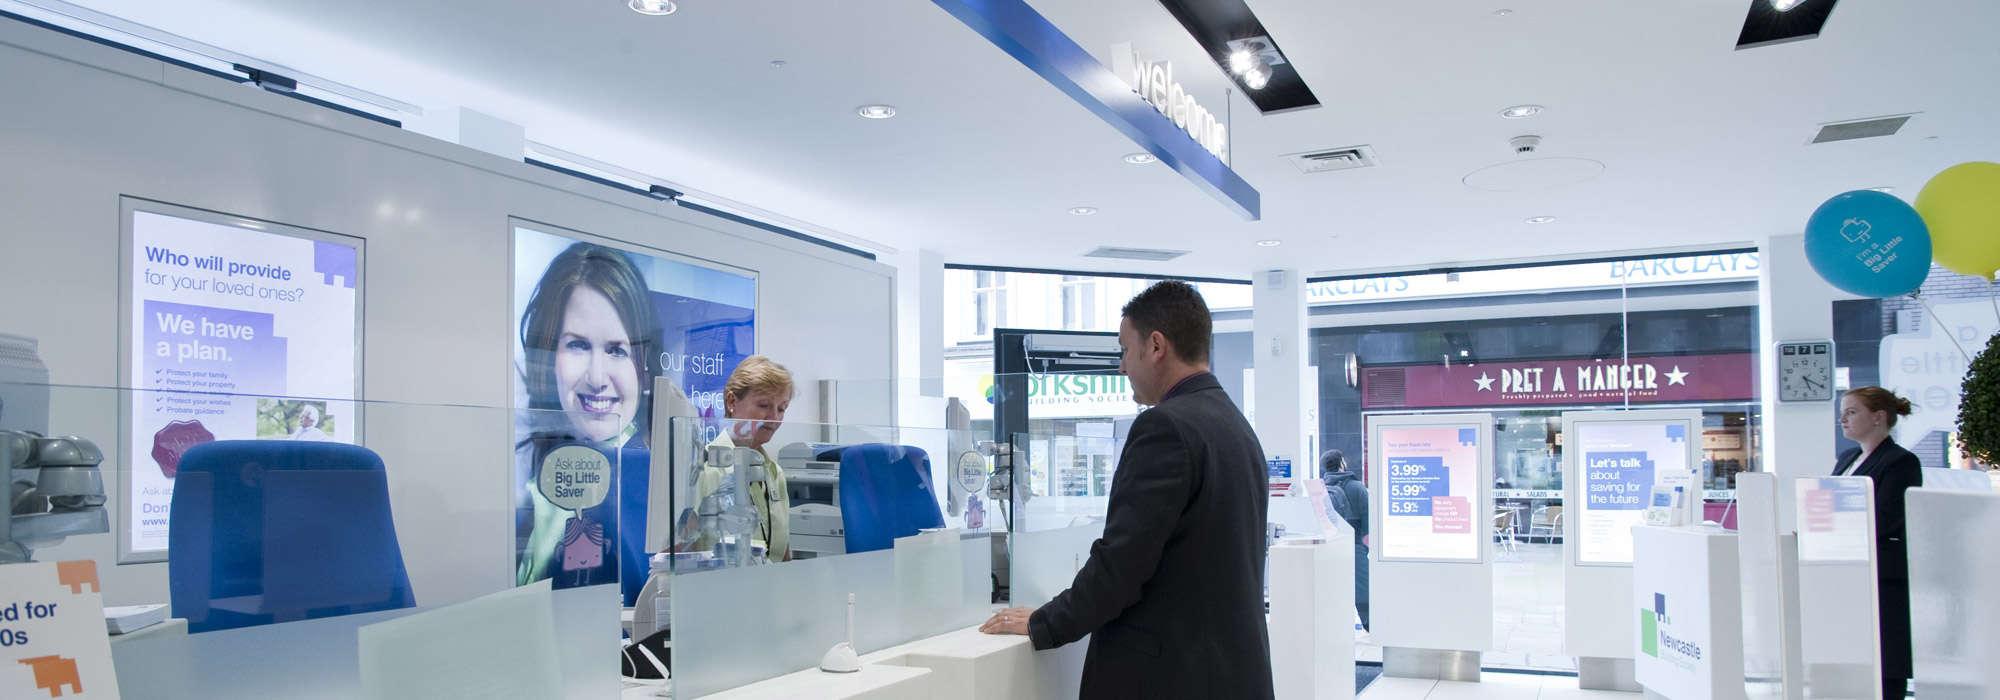 Illuminazione Ufficio Prezzi: Illuminazione ufficio prezzi applique per il bagno lampade a parete.